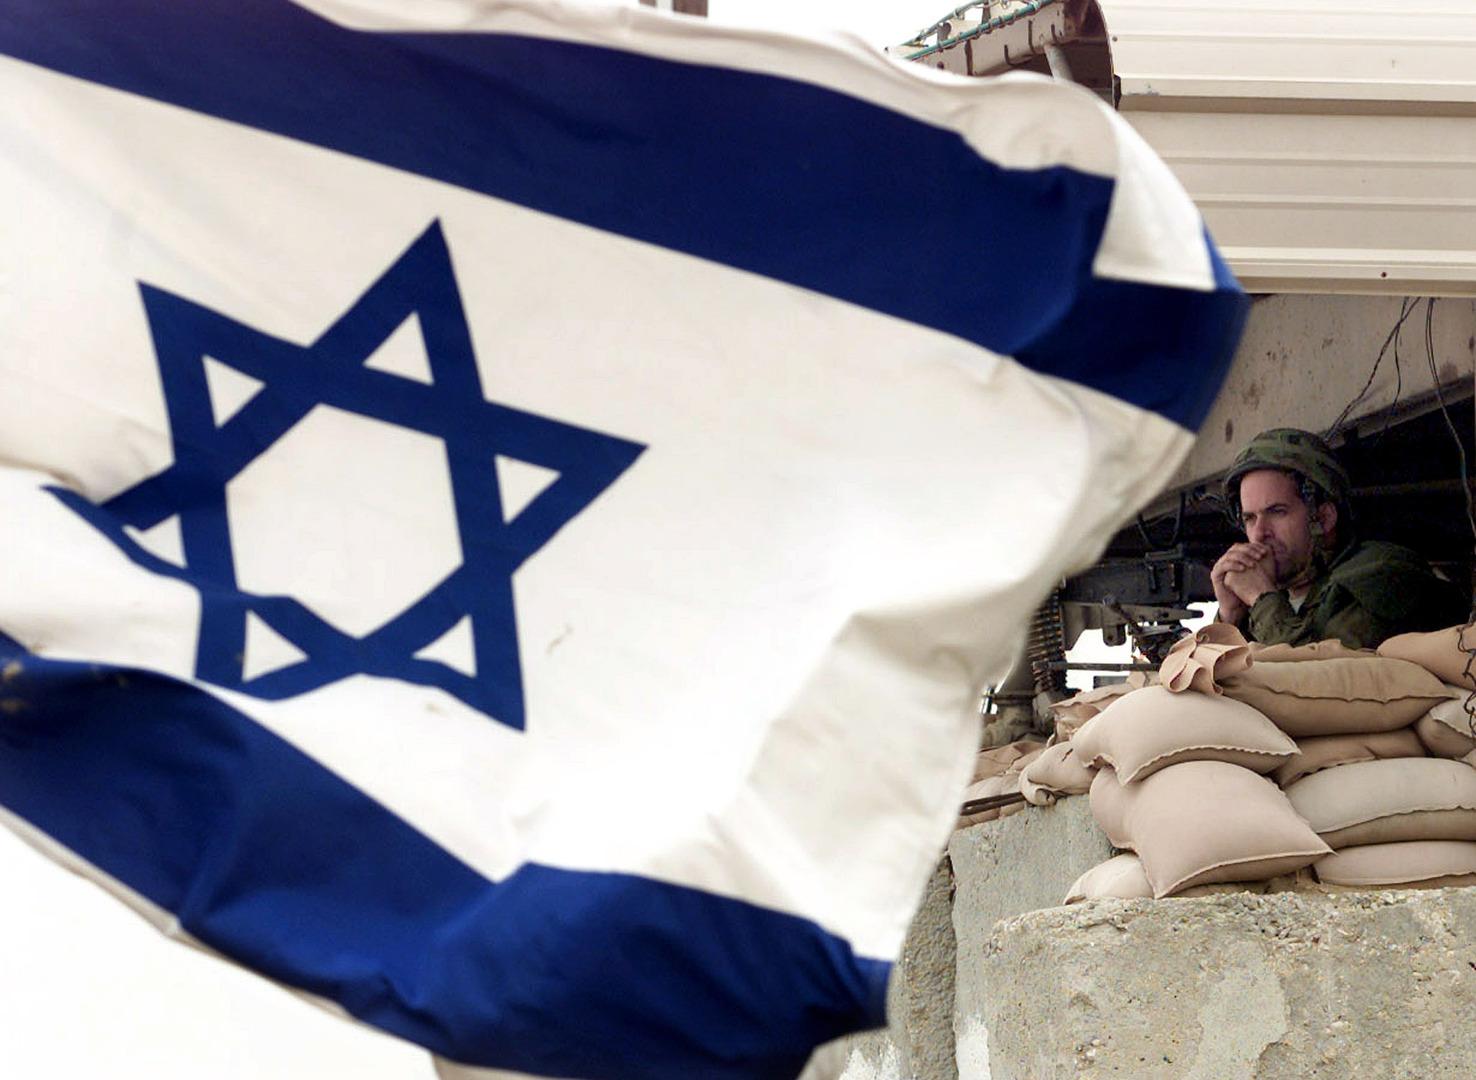 موقع إخباري ينقل عن مصادر إسرائيلية تقديراتها عن الدول القادمة لتطبيع العلاقات وتلك التي لن تفعل